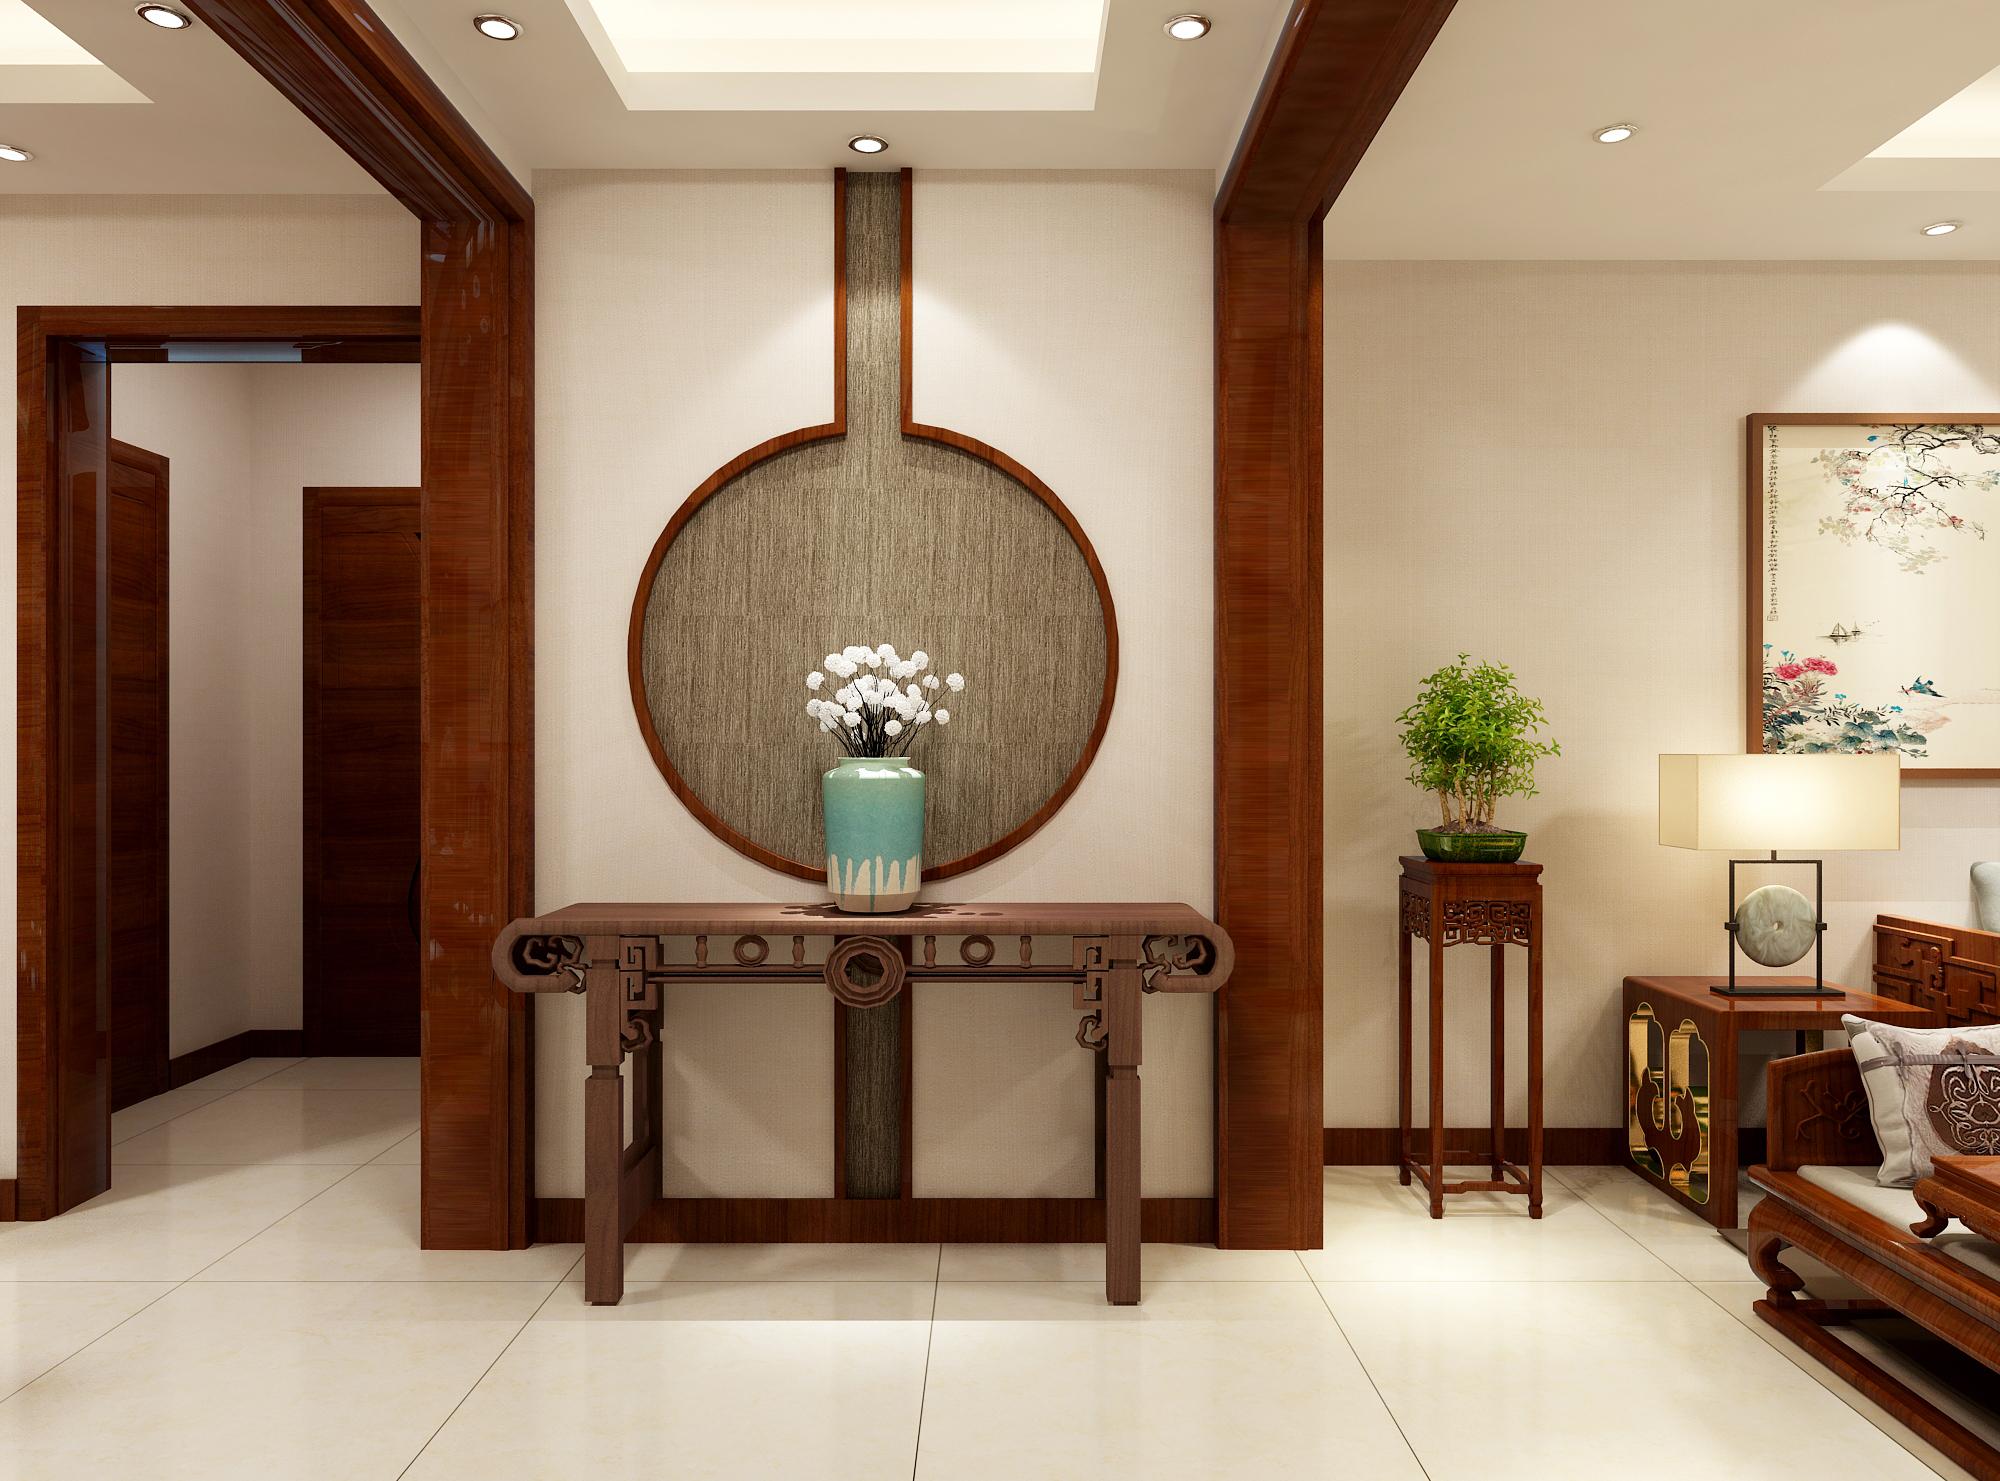 三居 80后 新中式 客厅 玄关图片来自业之峰装饰旗舰店在团圆中国结的分享